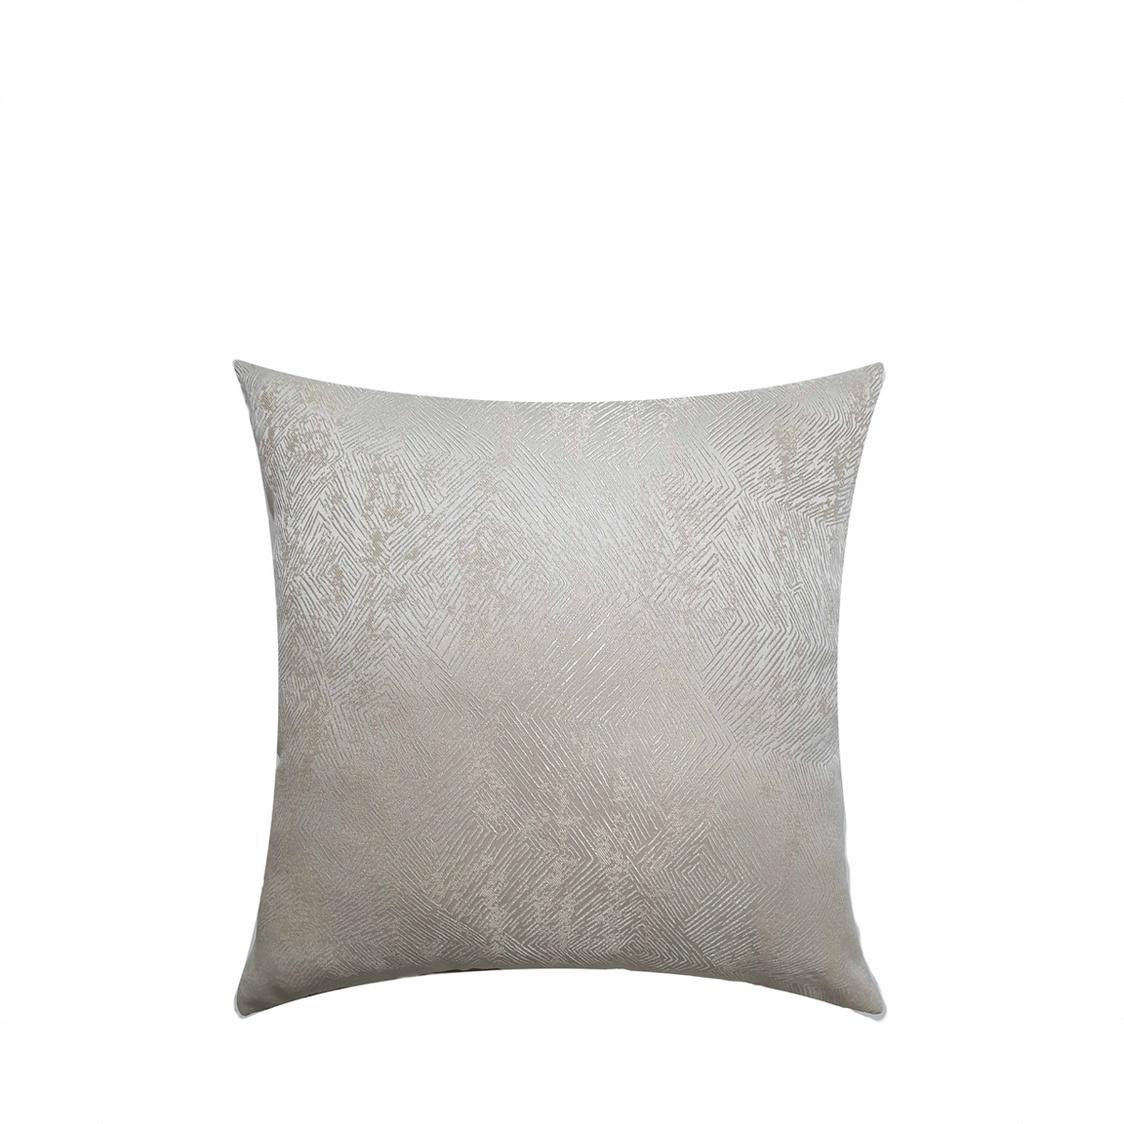 JRapee Ice Cushion Cover Natural 43x43cm